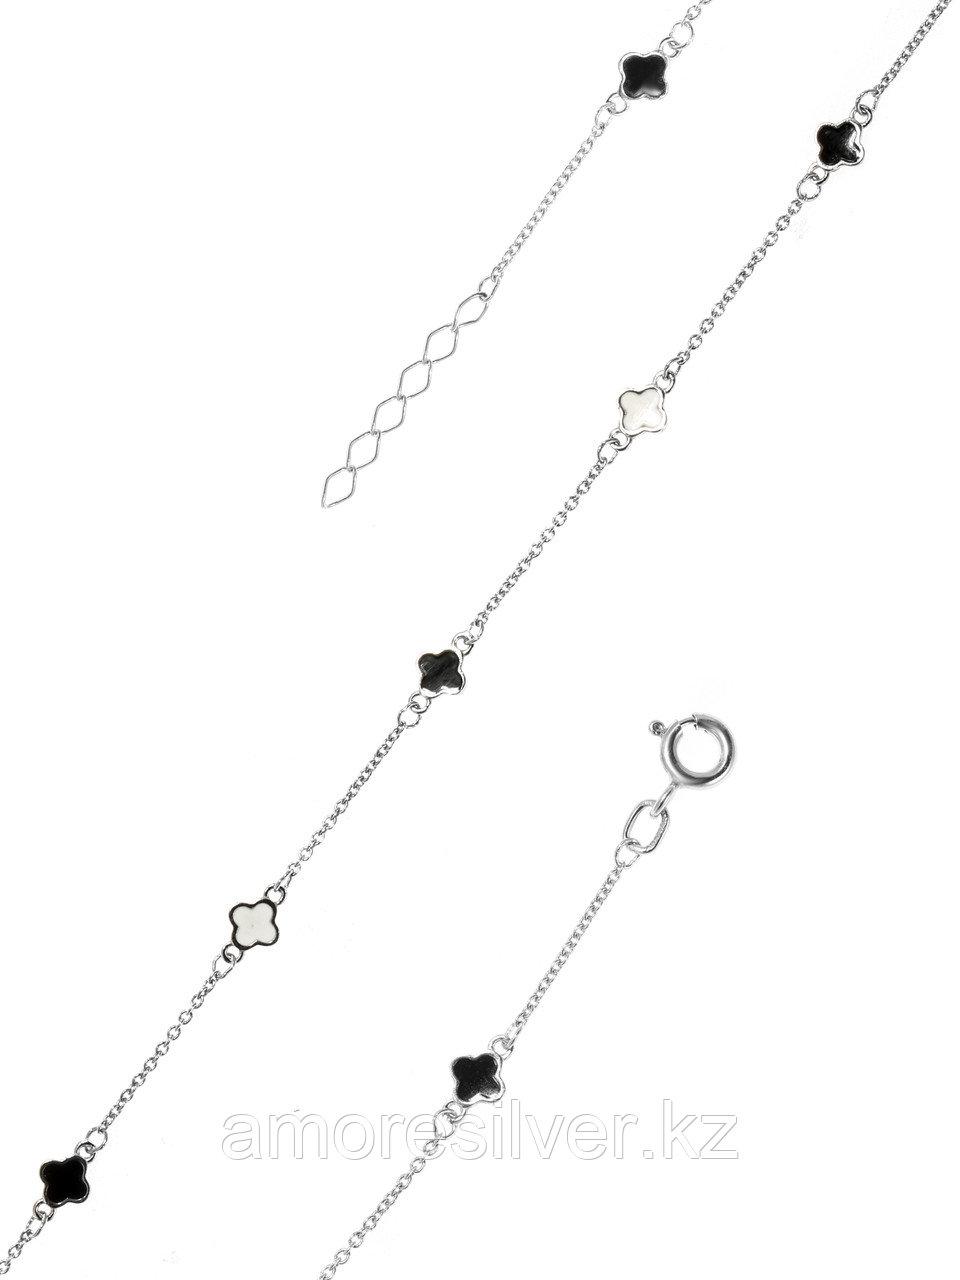 Браслет Адамант серебро с родием, эмаль Ср925Р-8К1303016Э8 размеры - 16